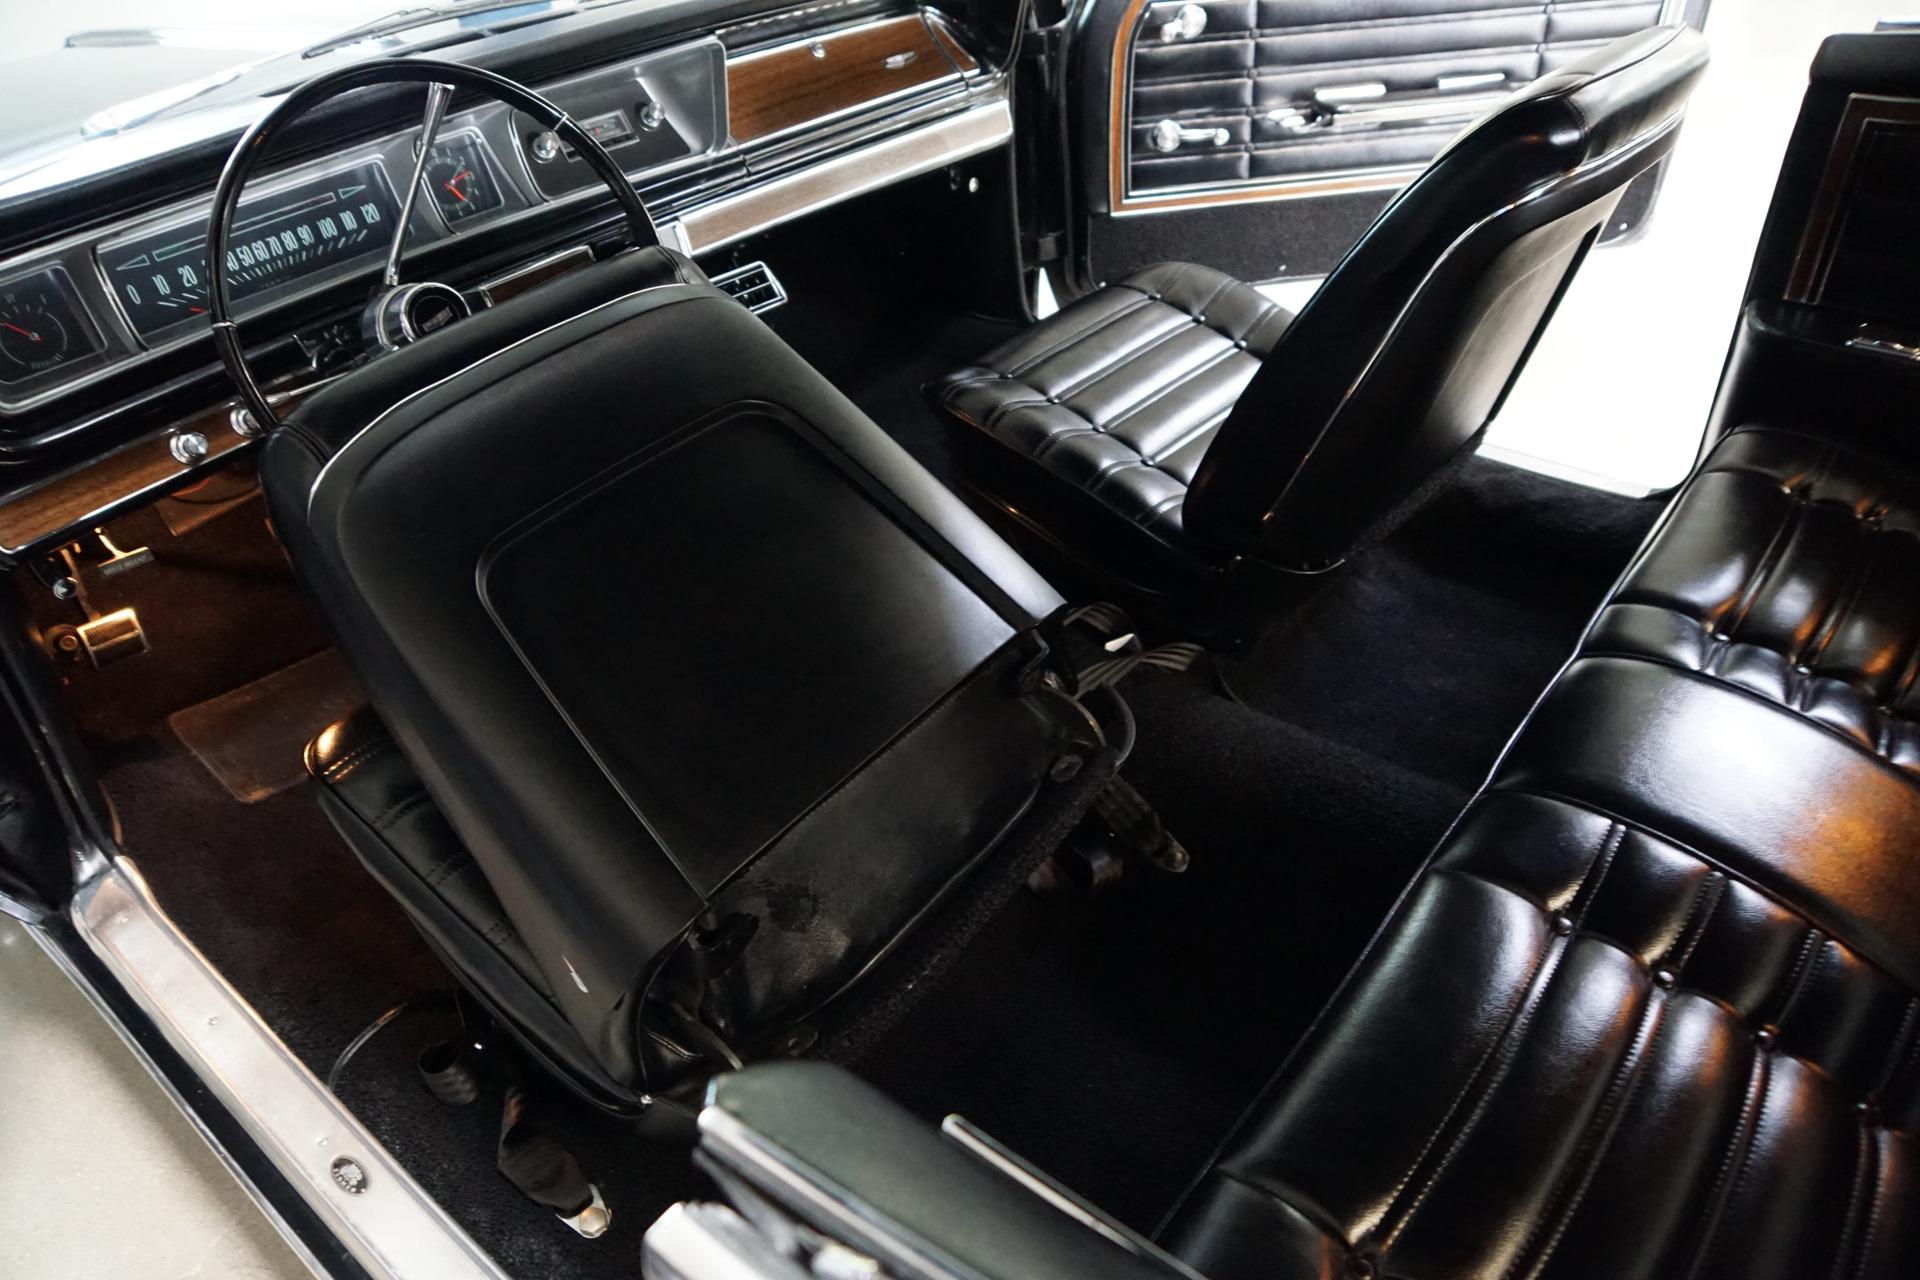 1966 Chevrolet Caprice Stock # 045 for sale near Torrance